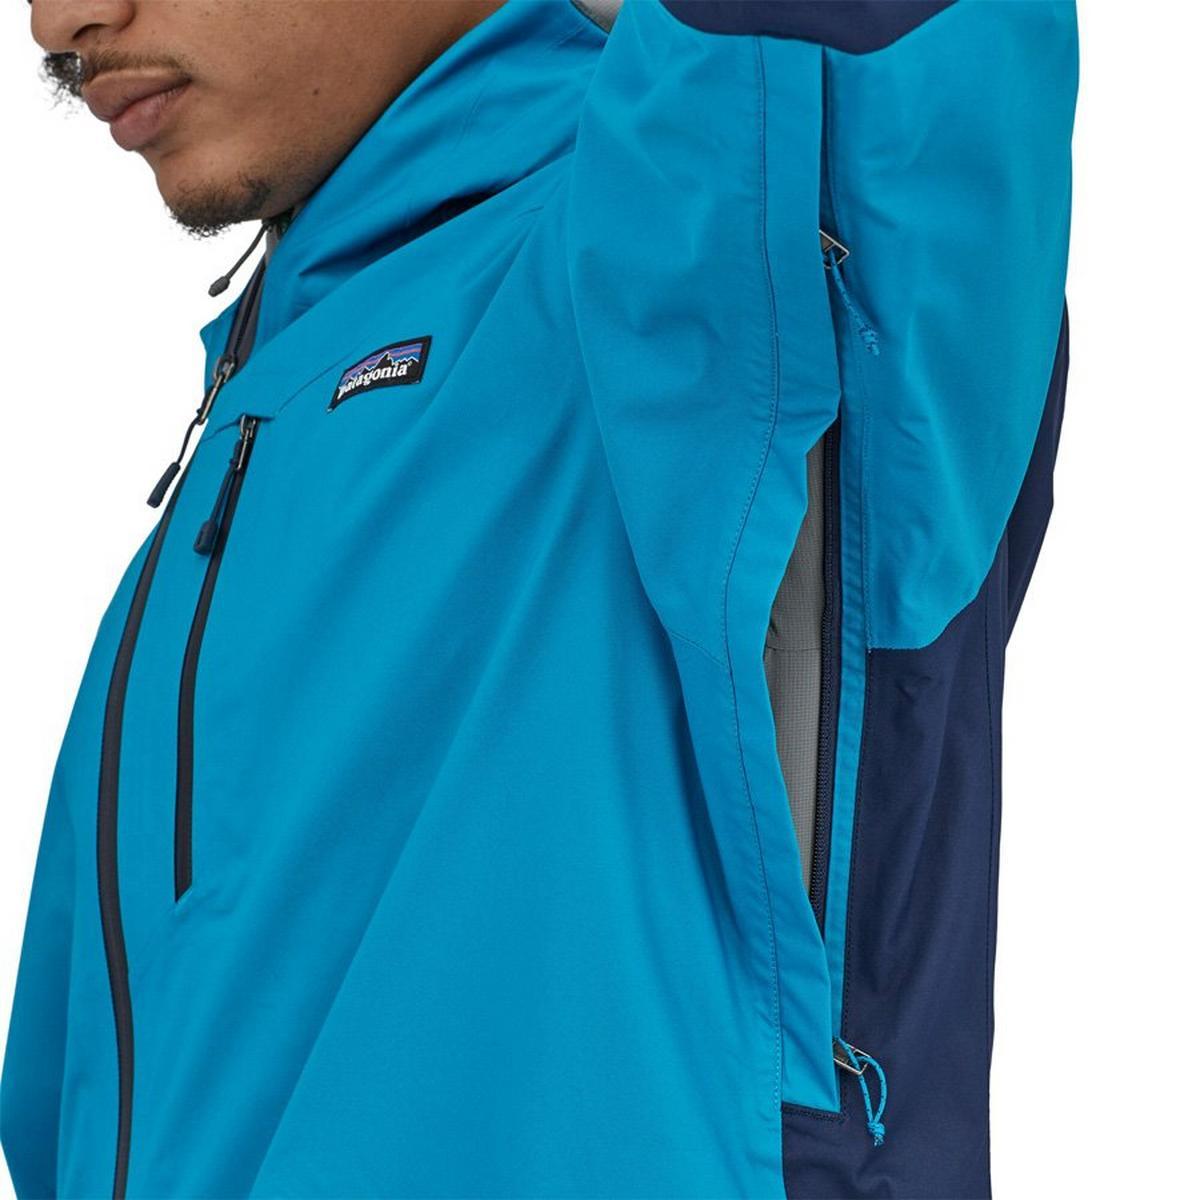 Patagonia Snowshot Jacket